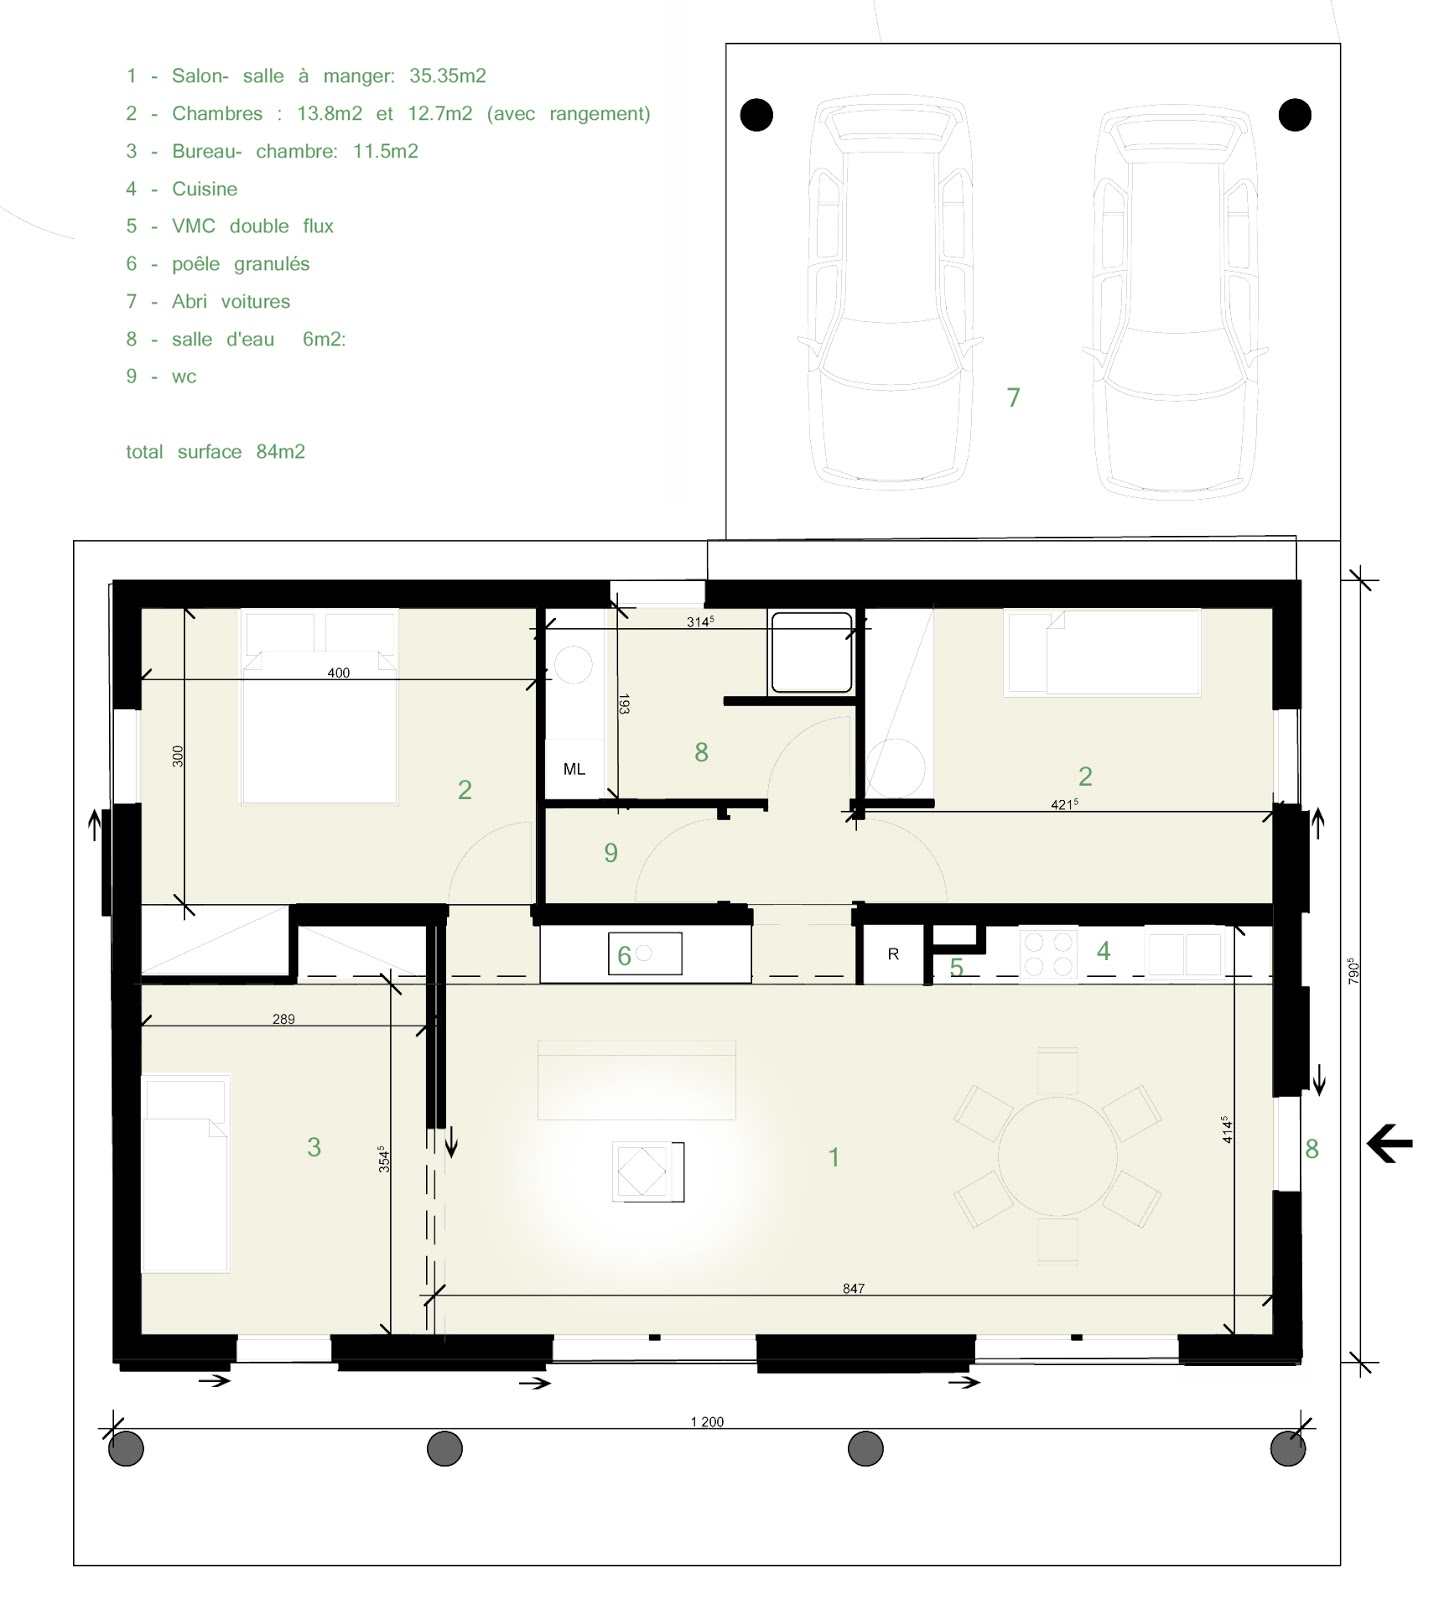 virginie farges architecture cologique corr ze limousin brive limoges maison bois. Black Bedroom Furniture Sets. Home Design Ideas